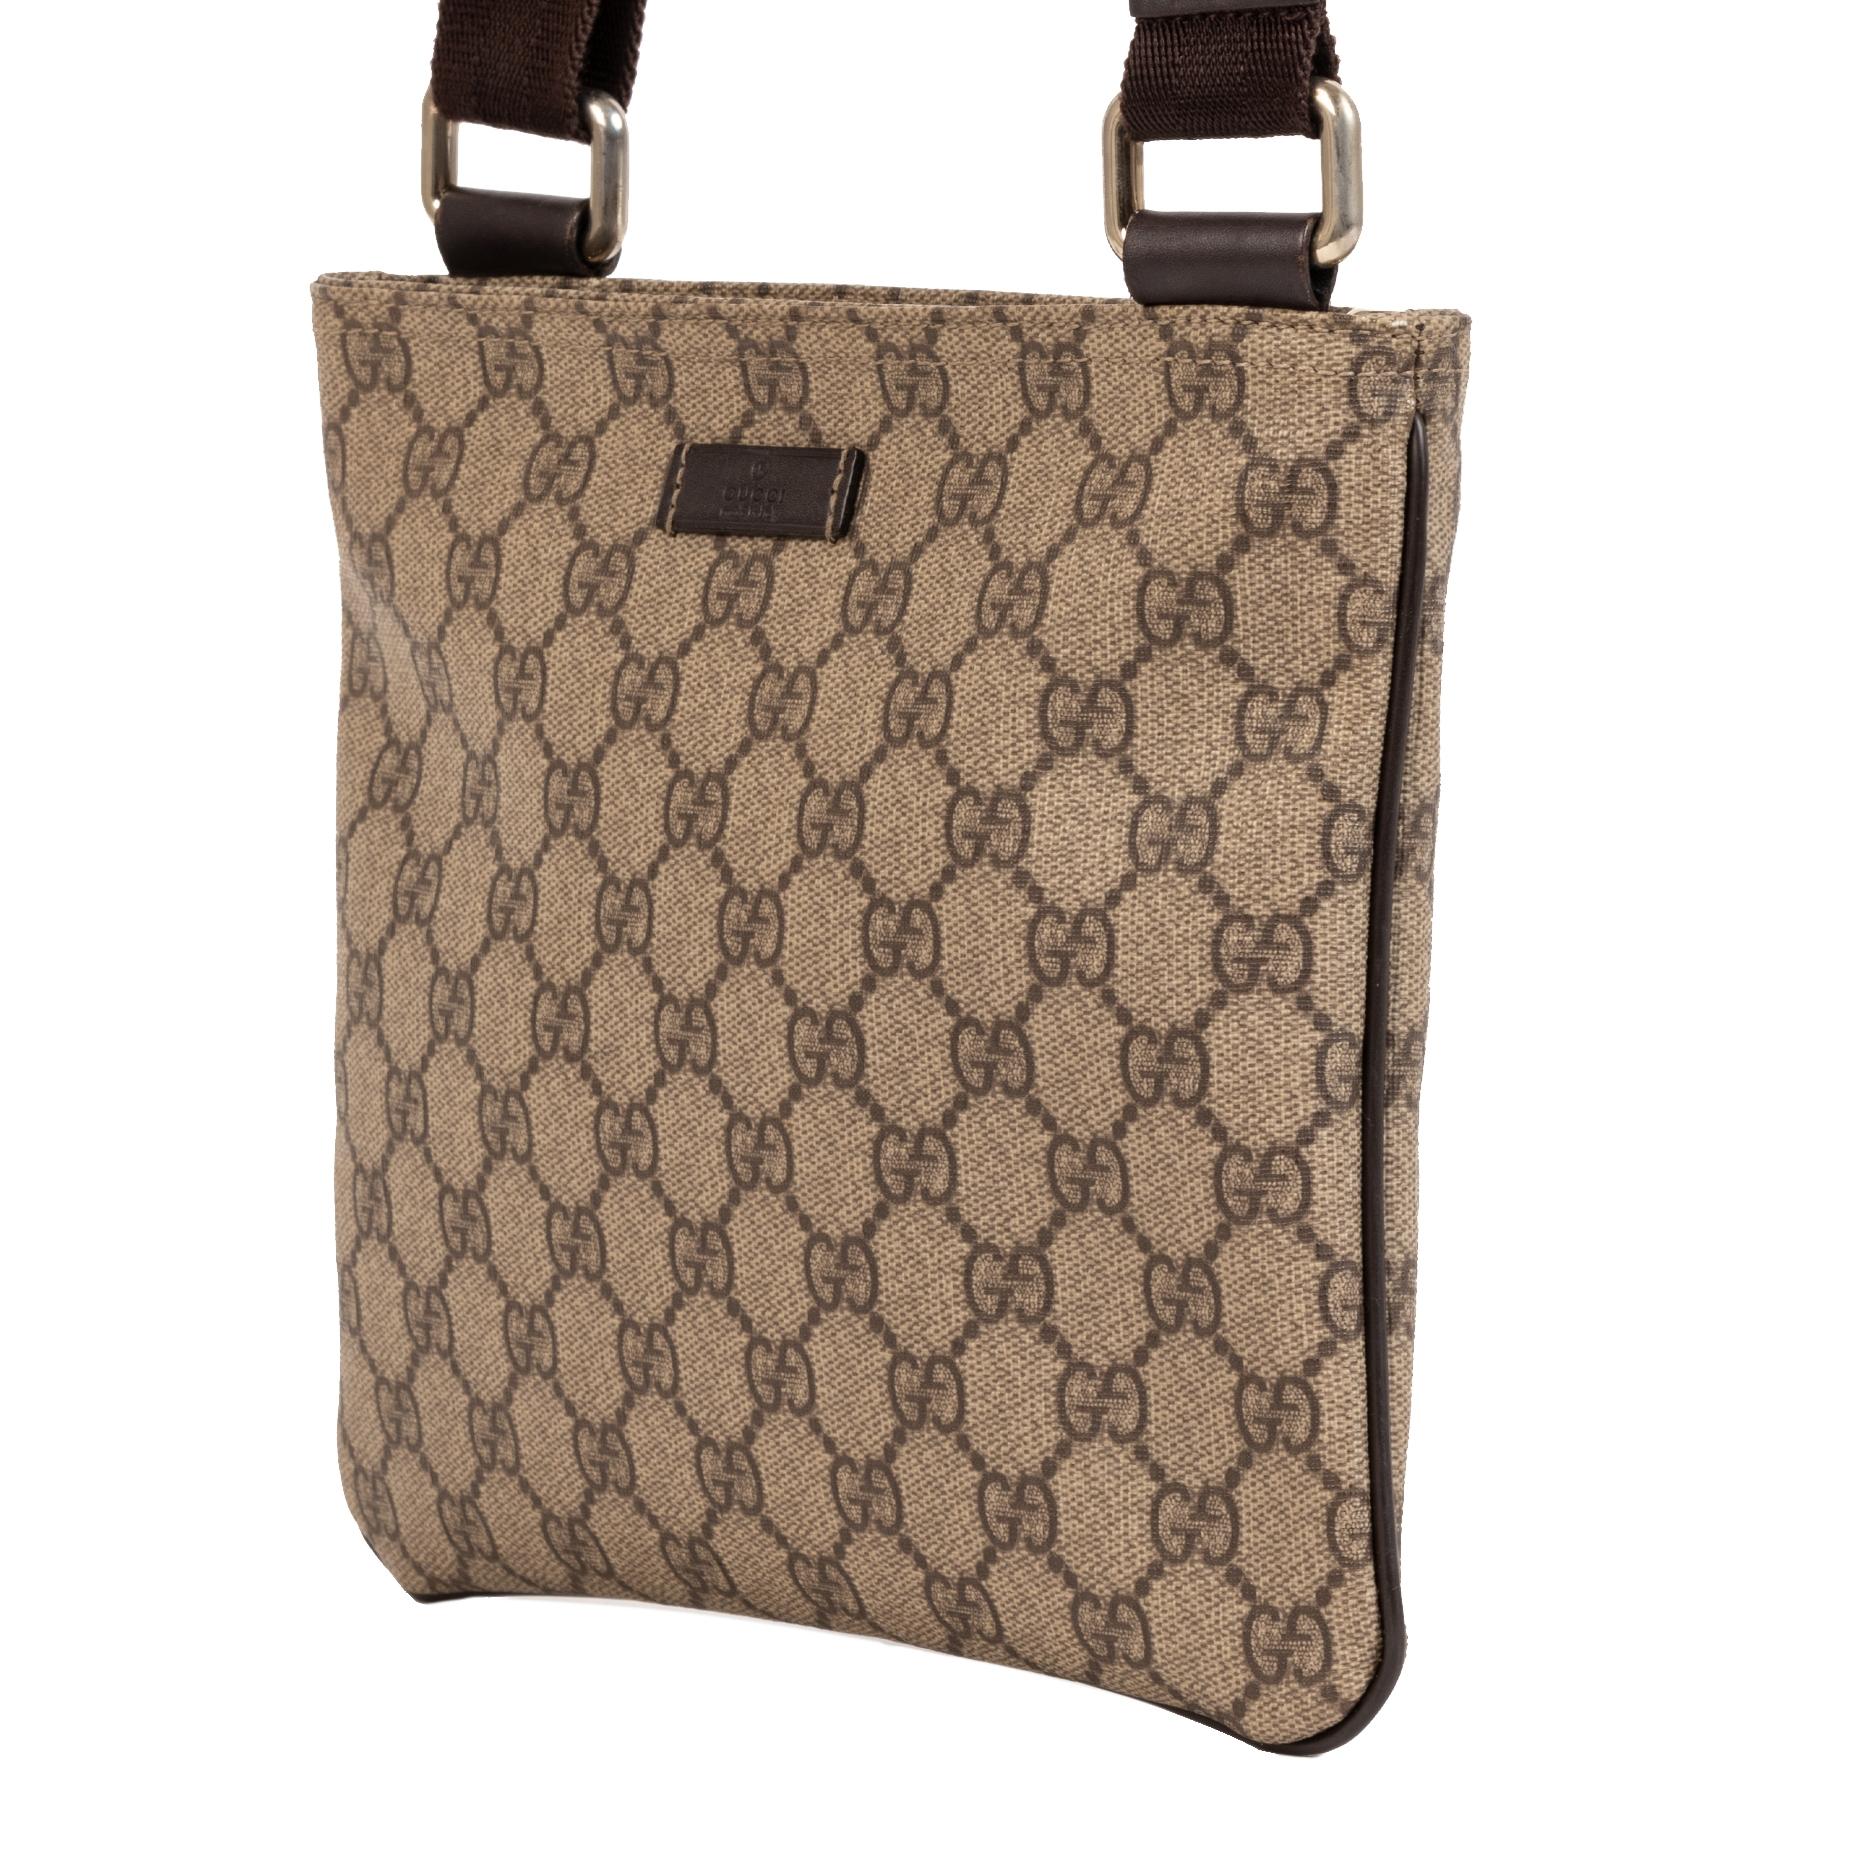 Gucci GG Supreme Crossbody Messenger Bag te koop bij Labellov tweedehands luxe